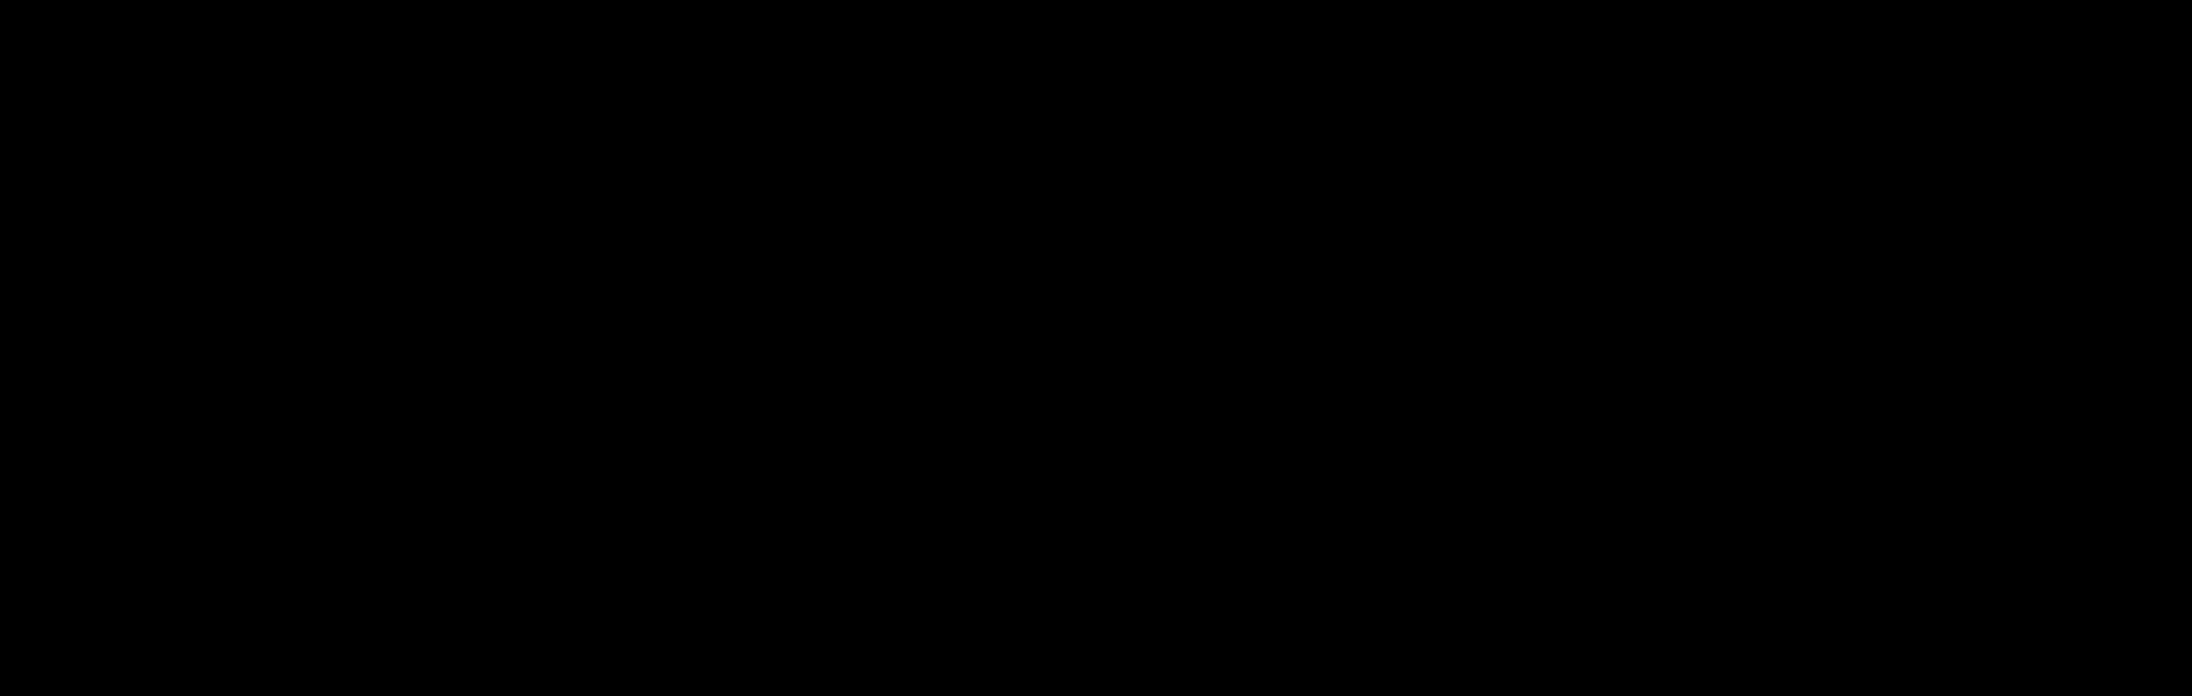 Homocapsaicin-I